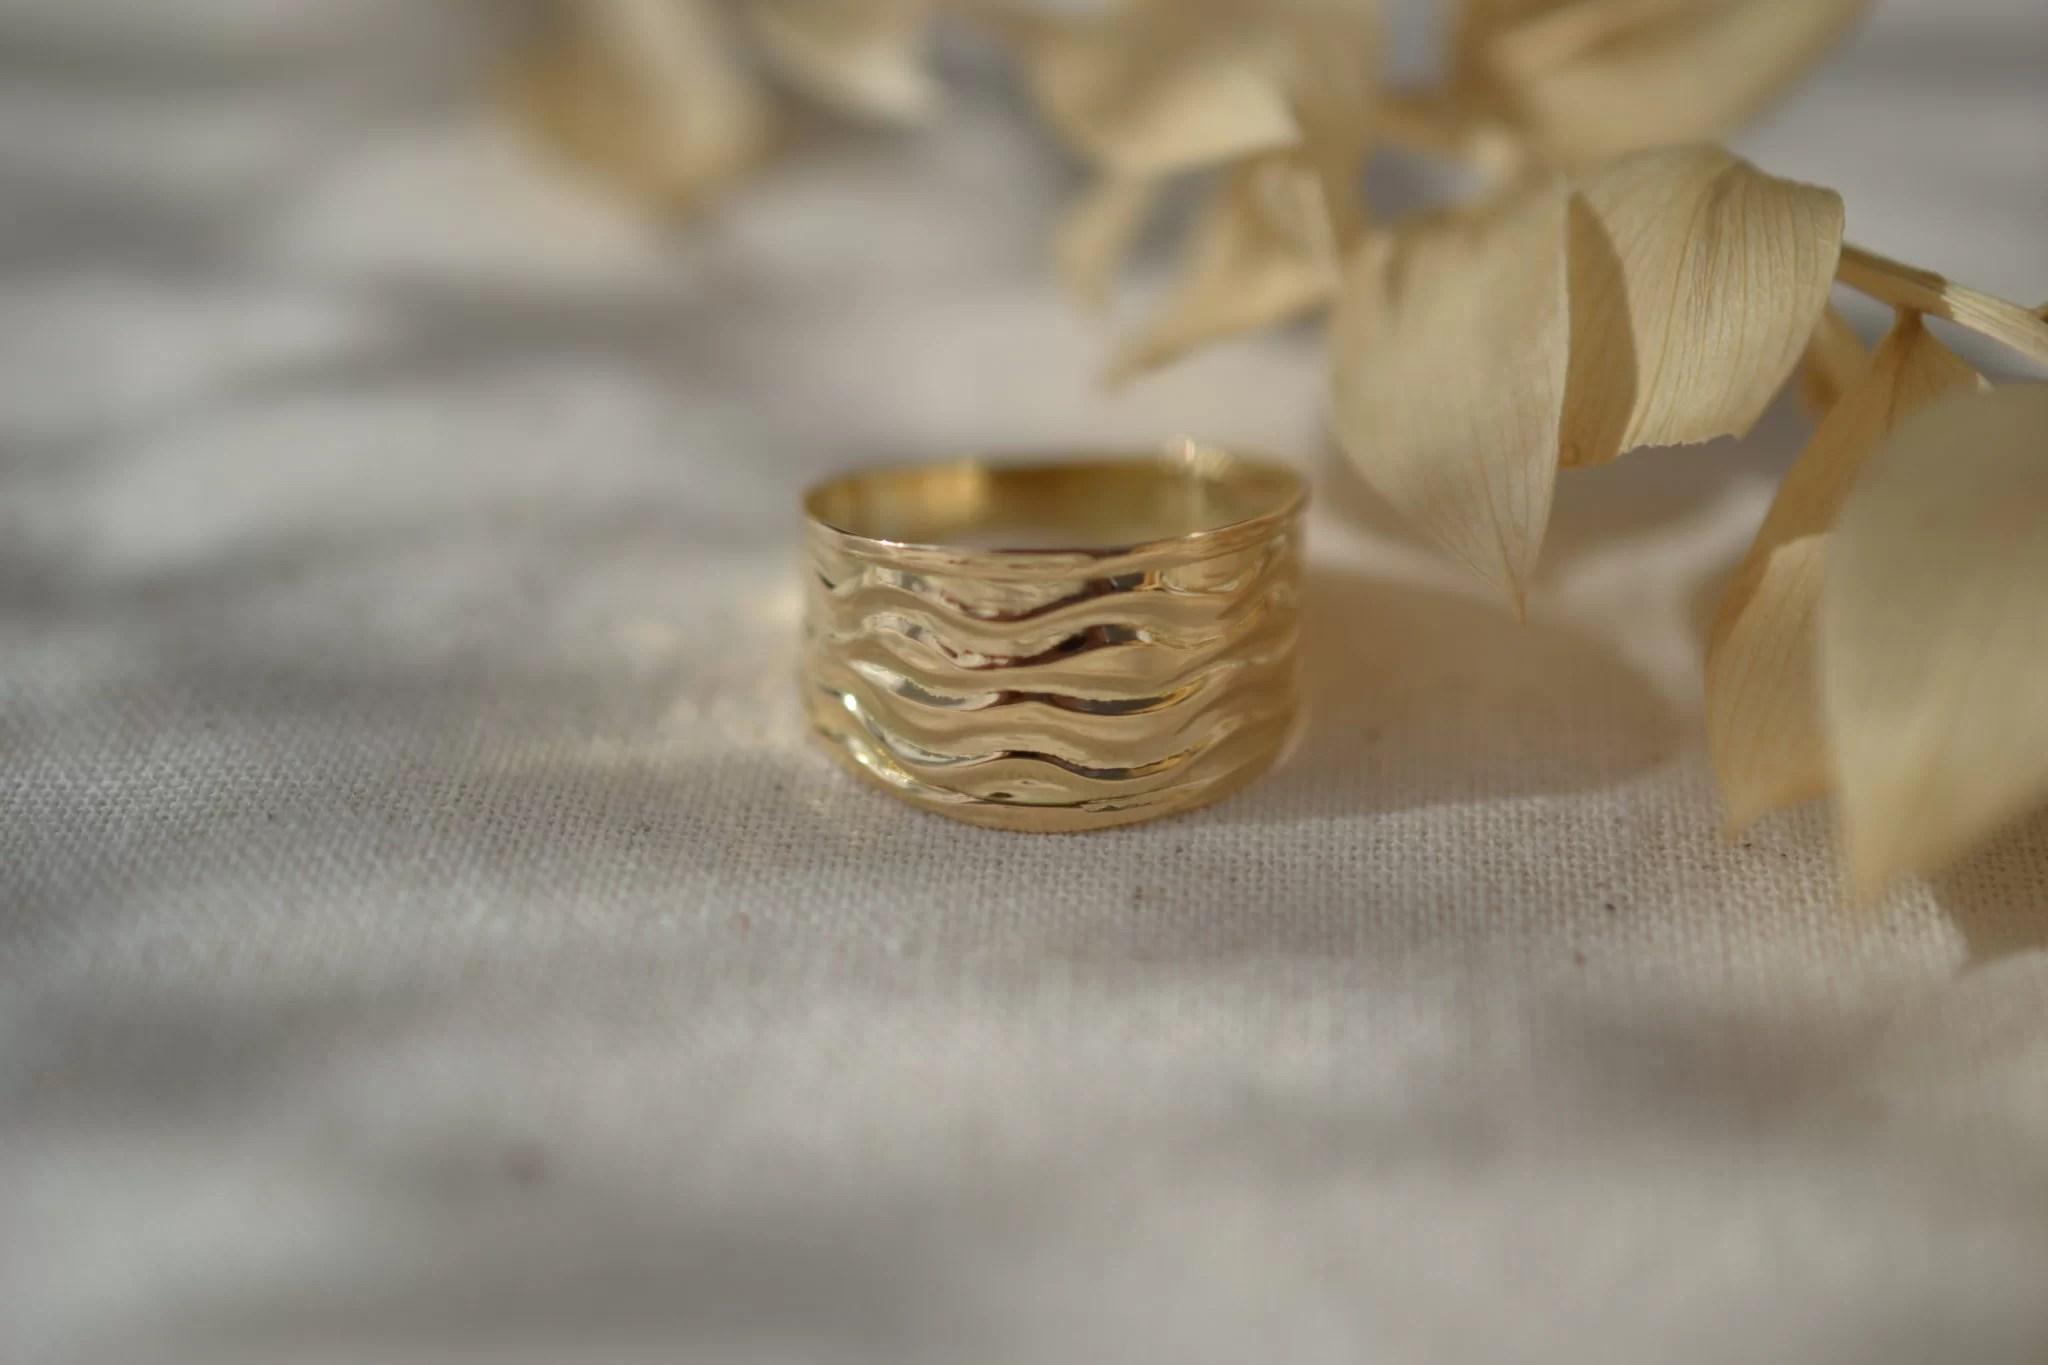 Bague simple et minimaliste en Or jaune, détails ondulés - bague Vintage